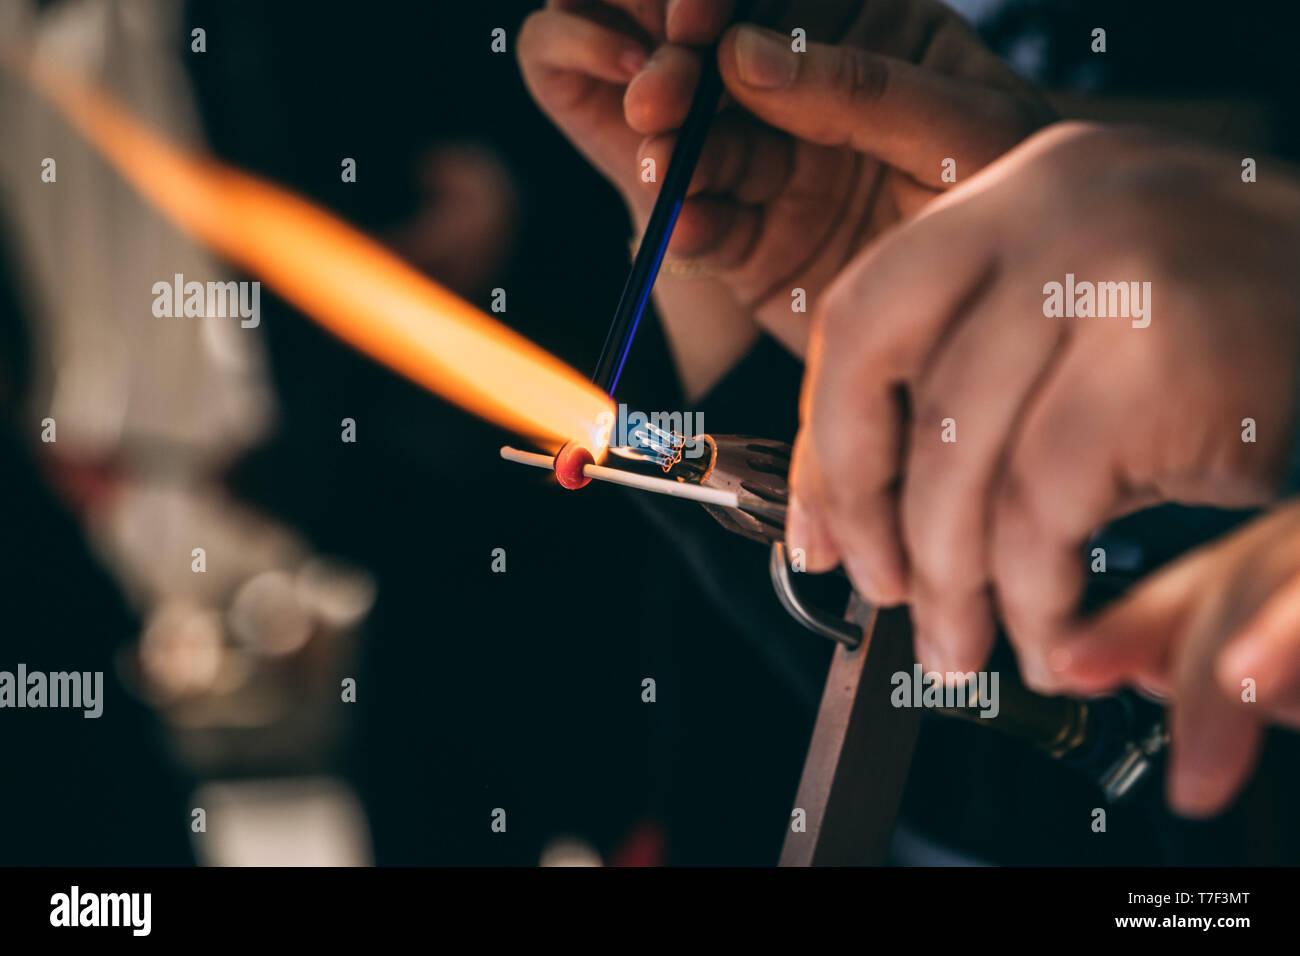 Böser Blick Schmuck Stockfotos und bilder Kaufen Alamy